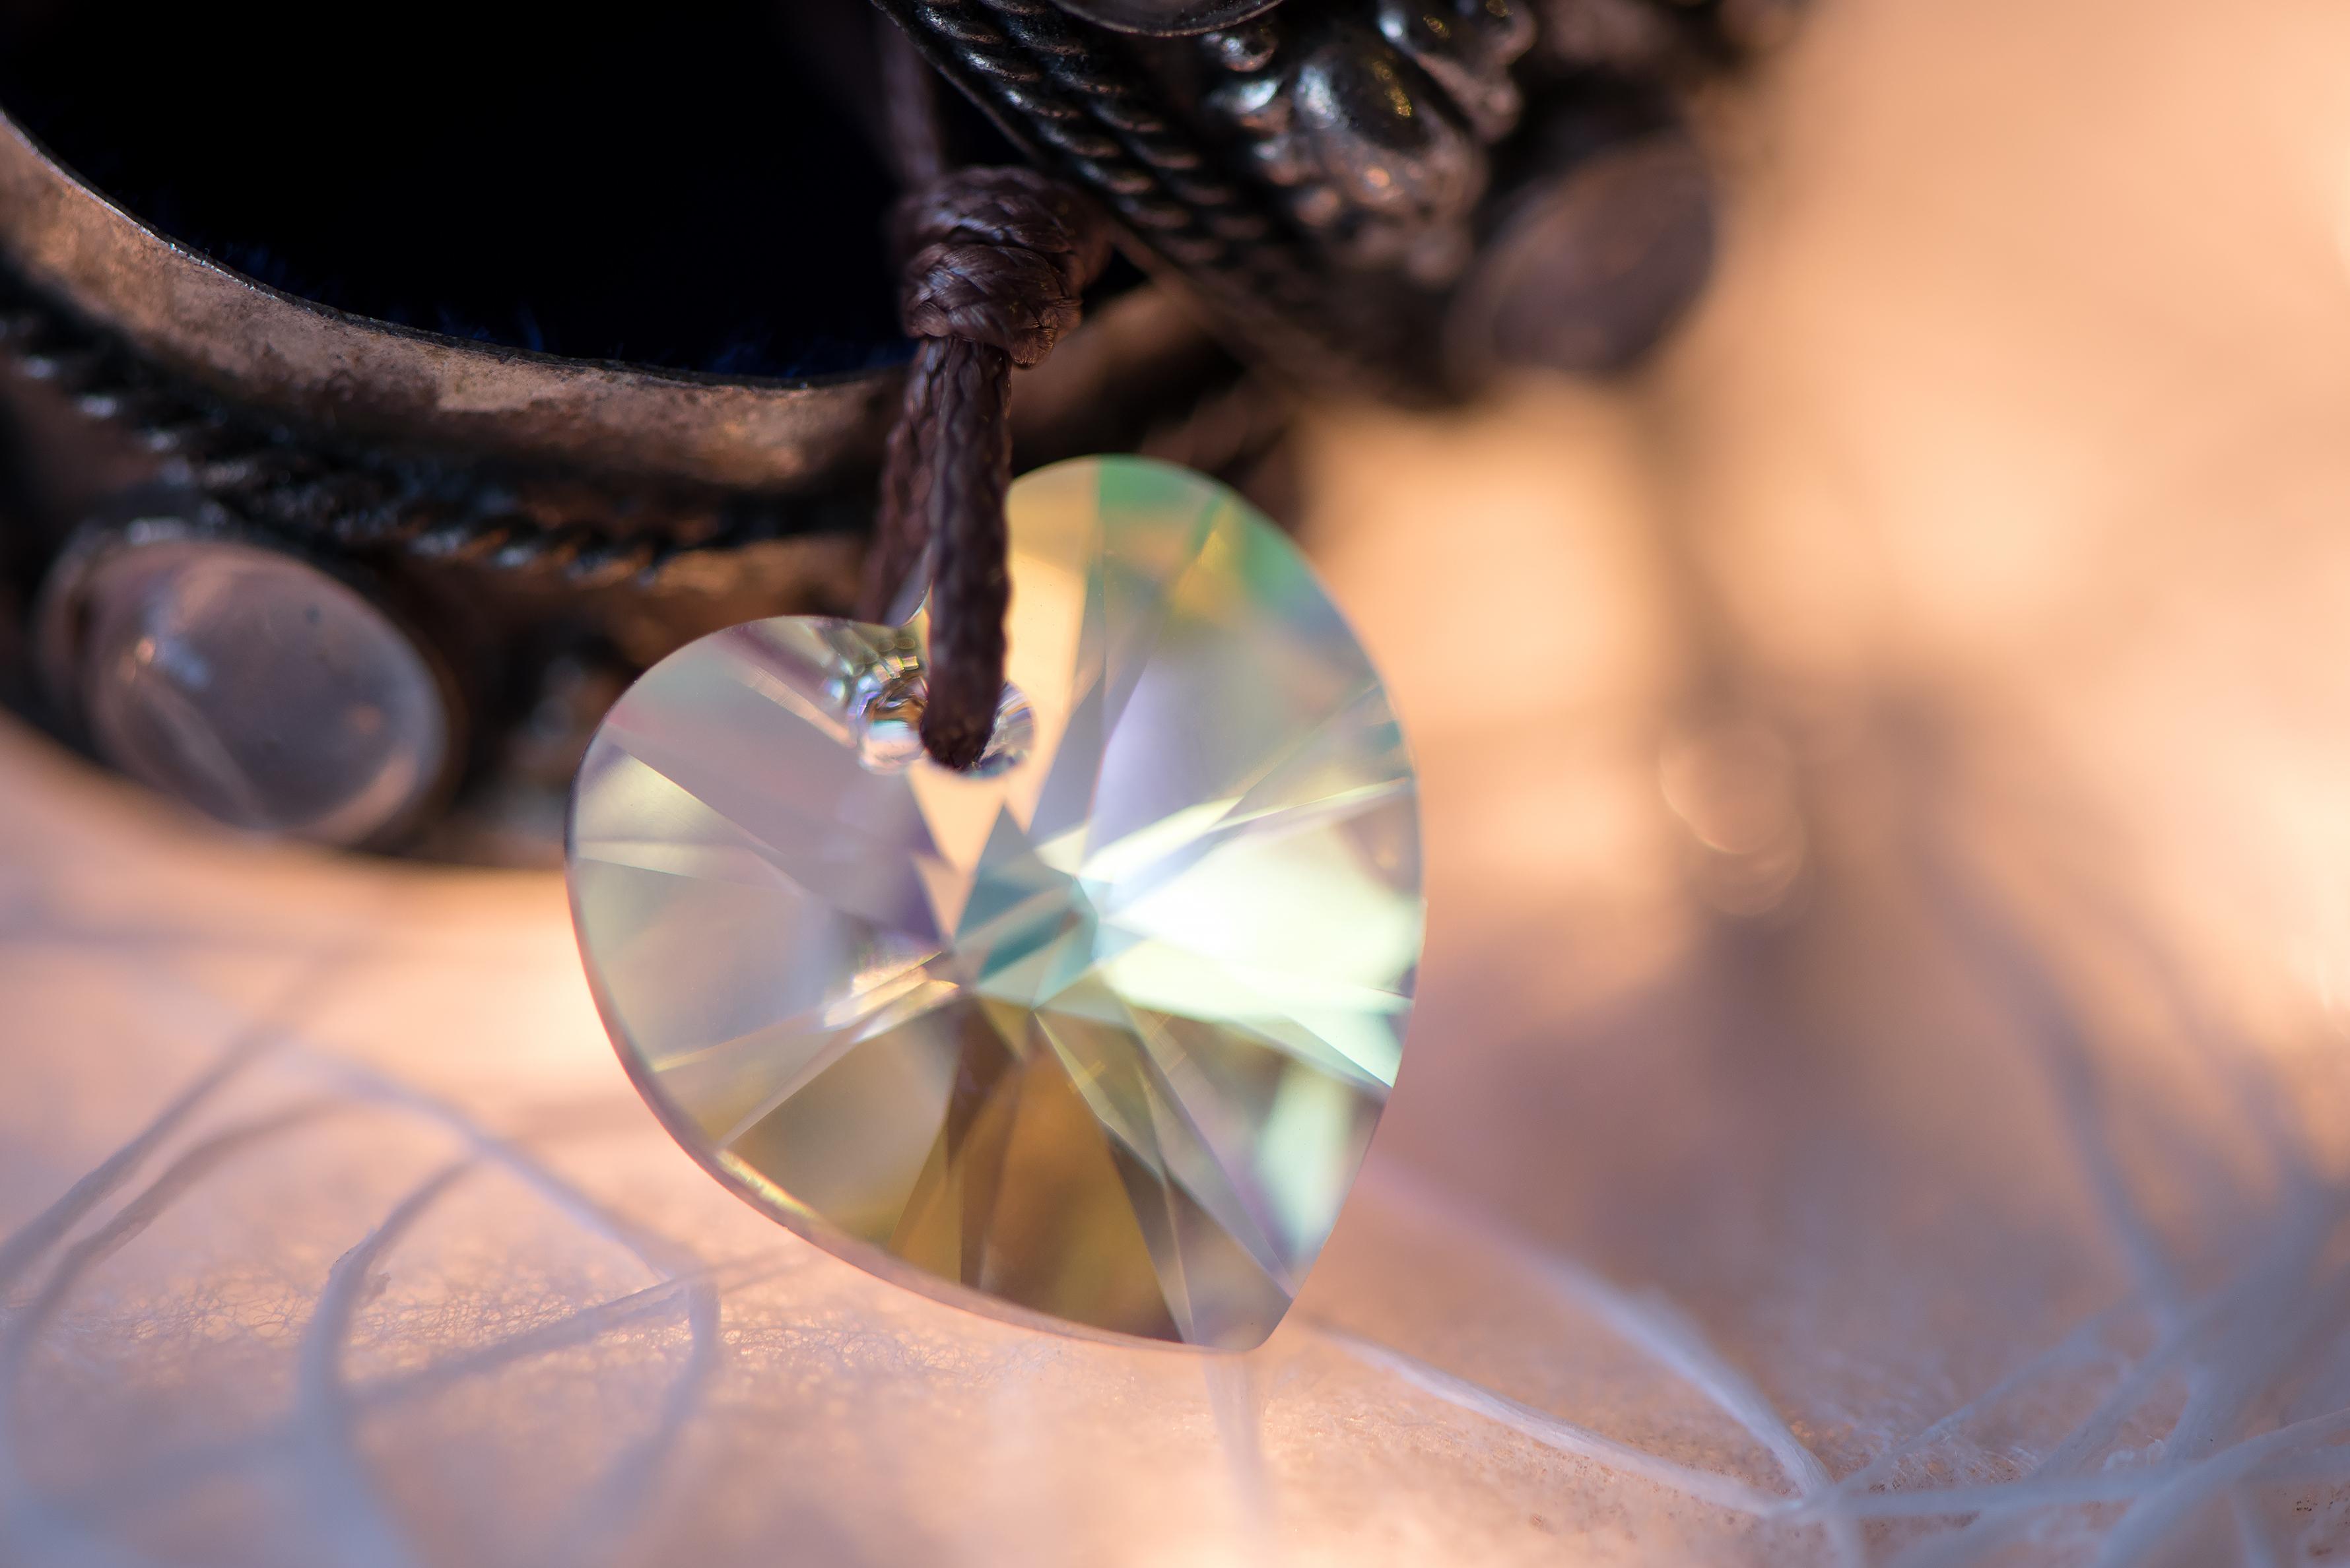 Kristallhochzeit Bedeutung Geschenkideen Desiredde